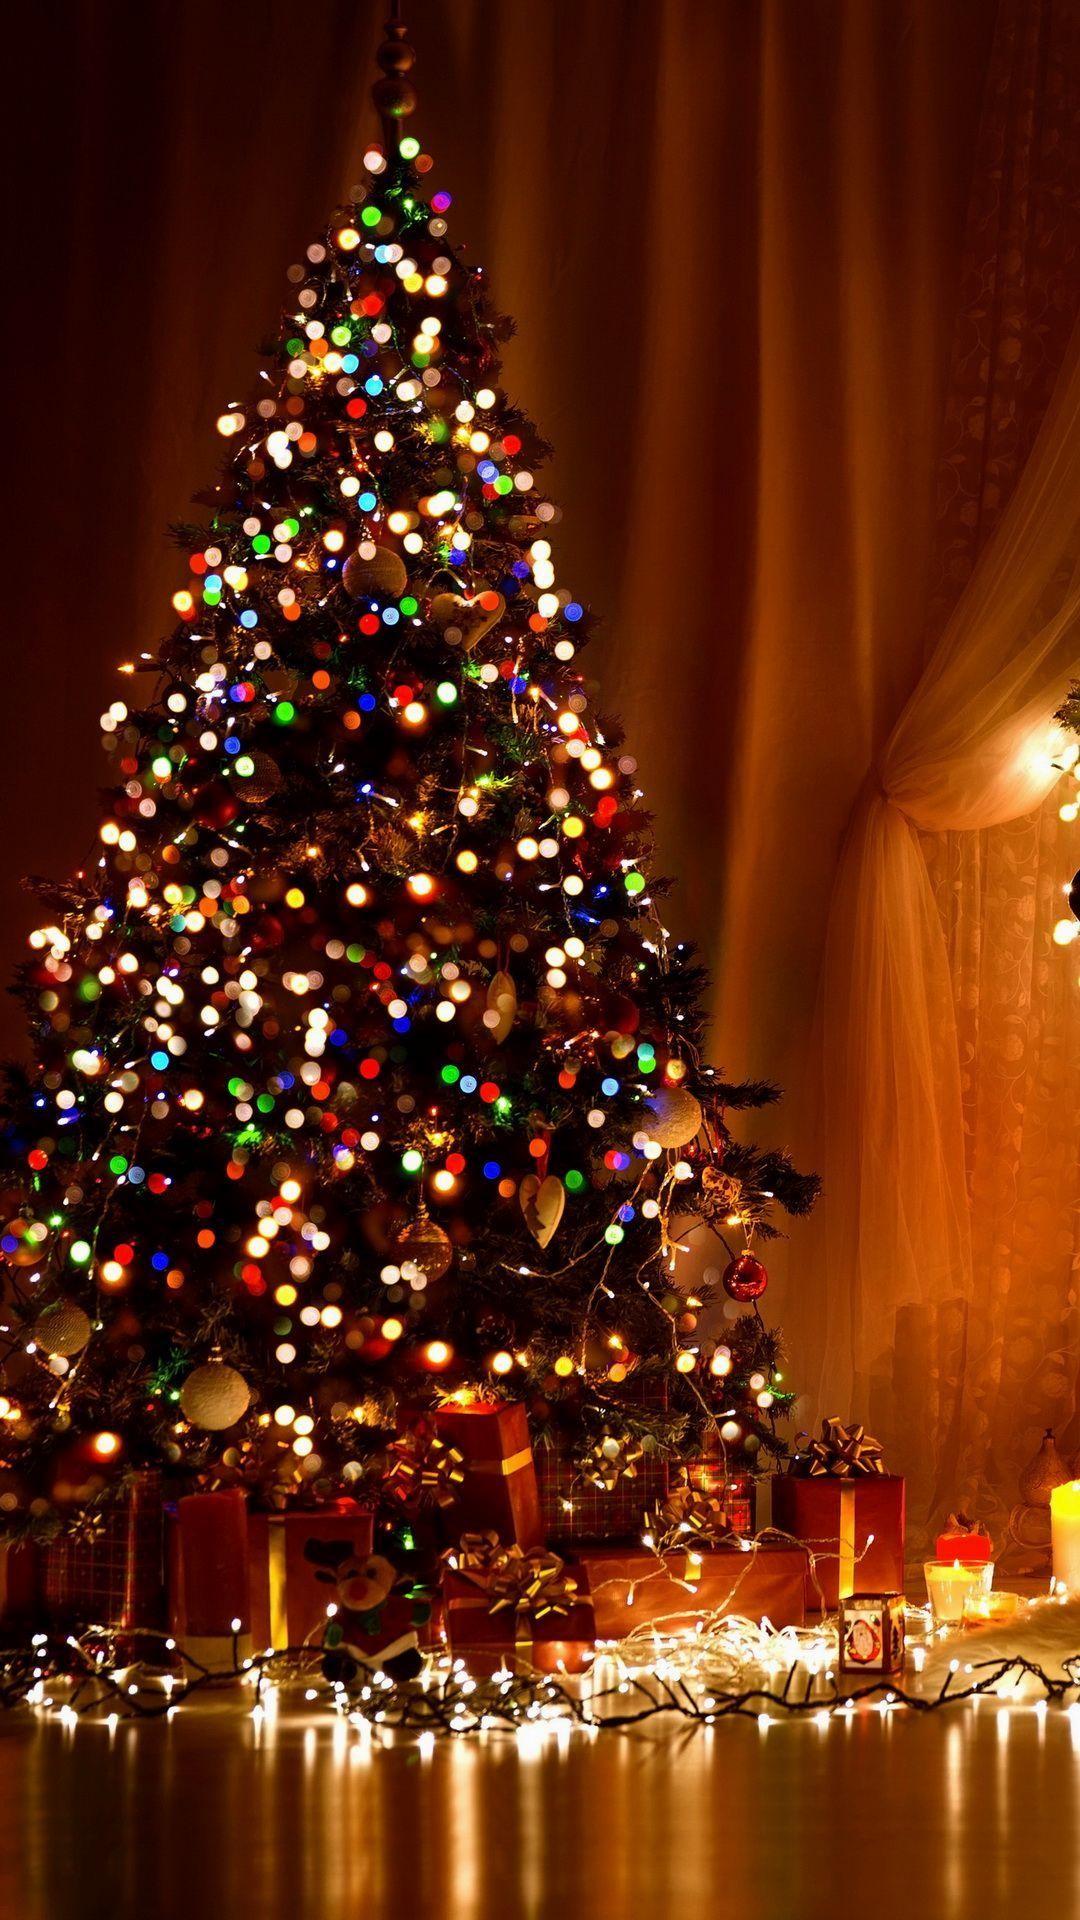 1492281 vertical christmas lights iphone wallpaper